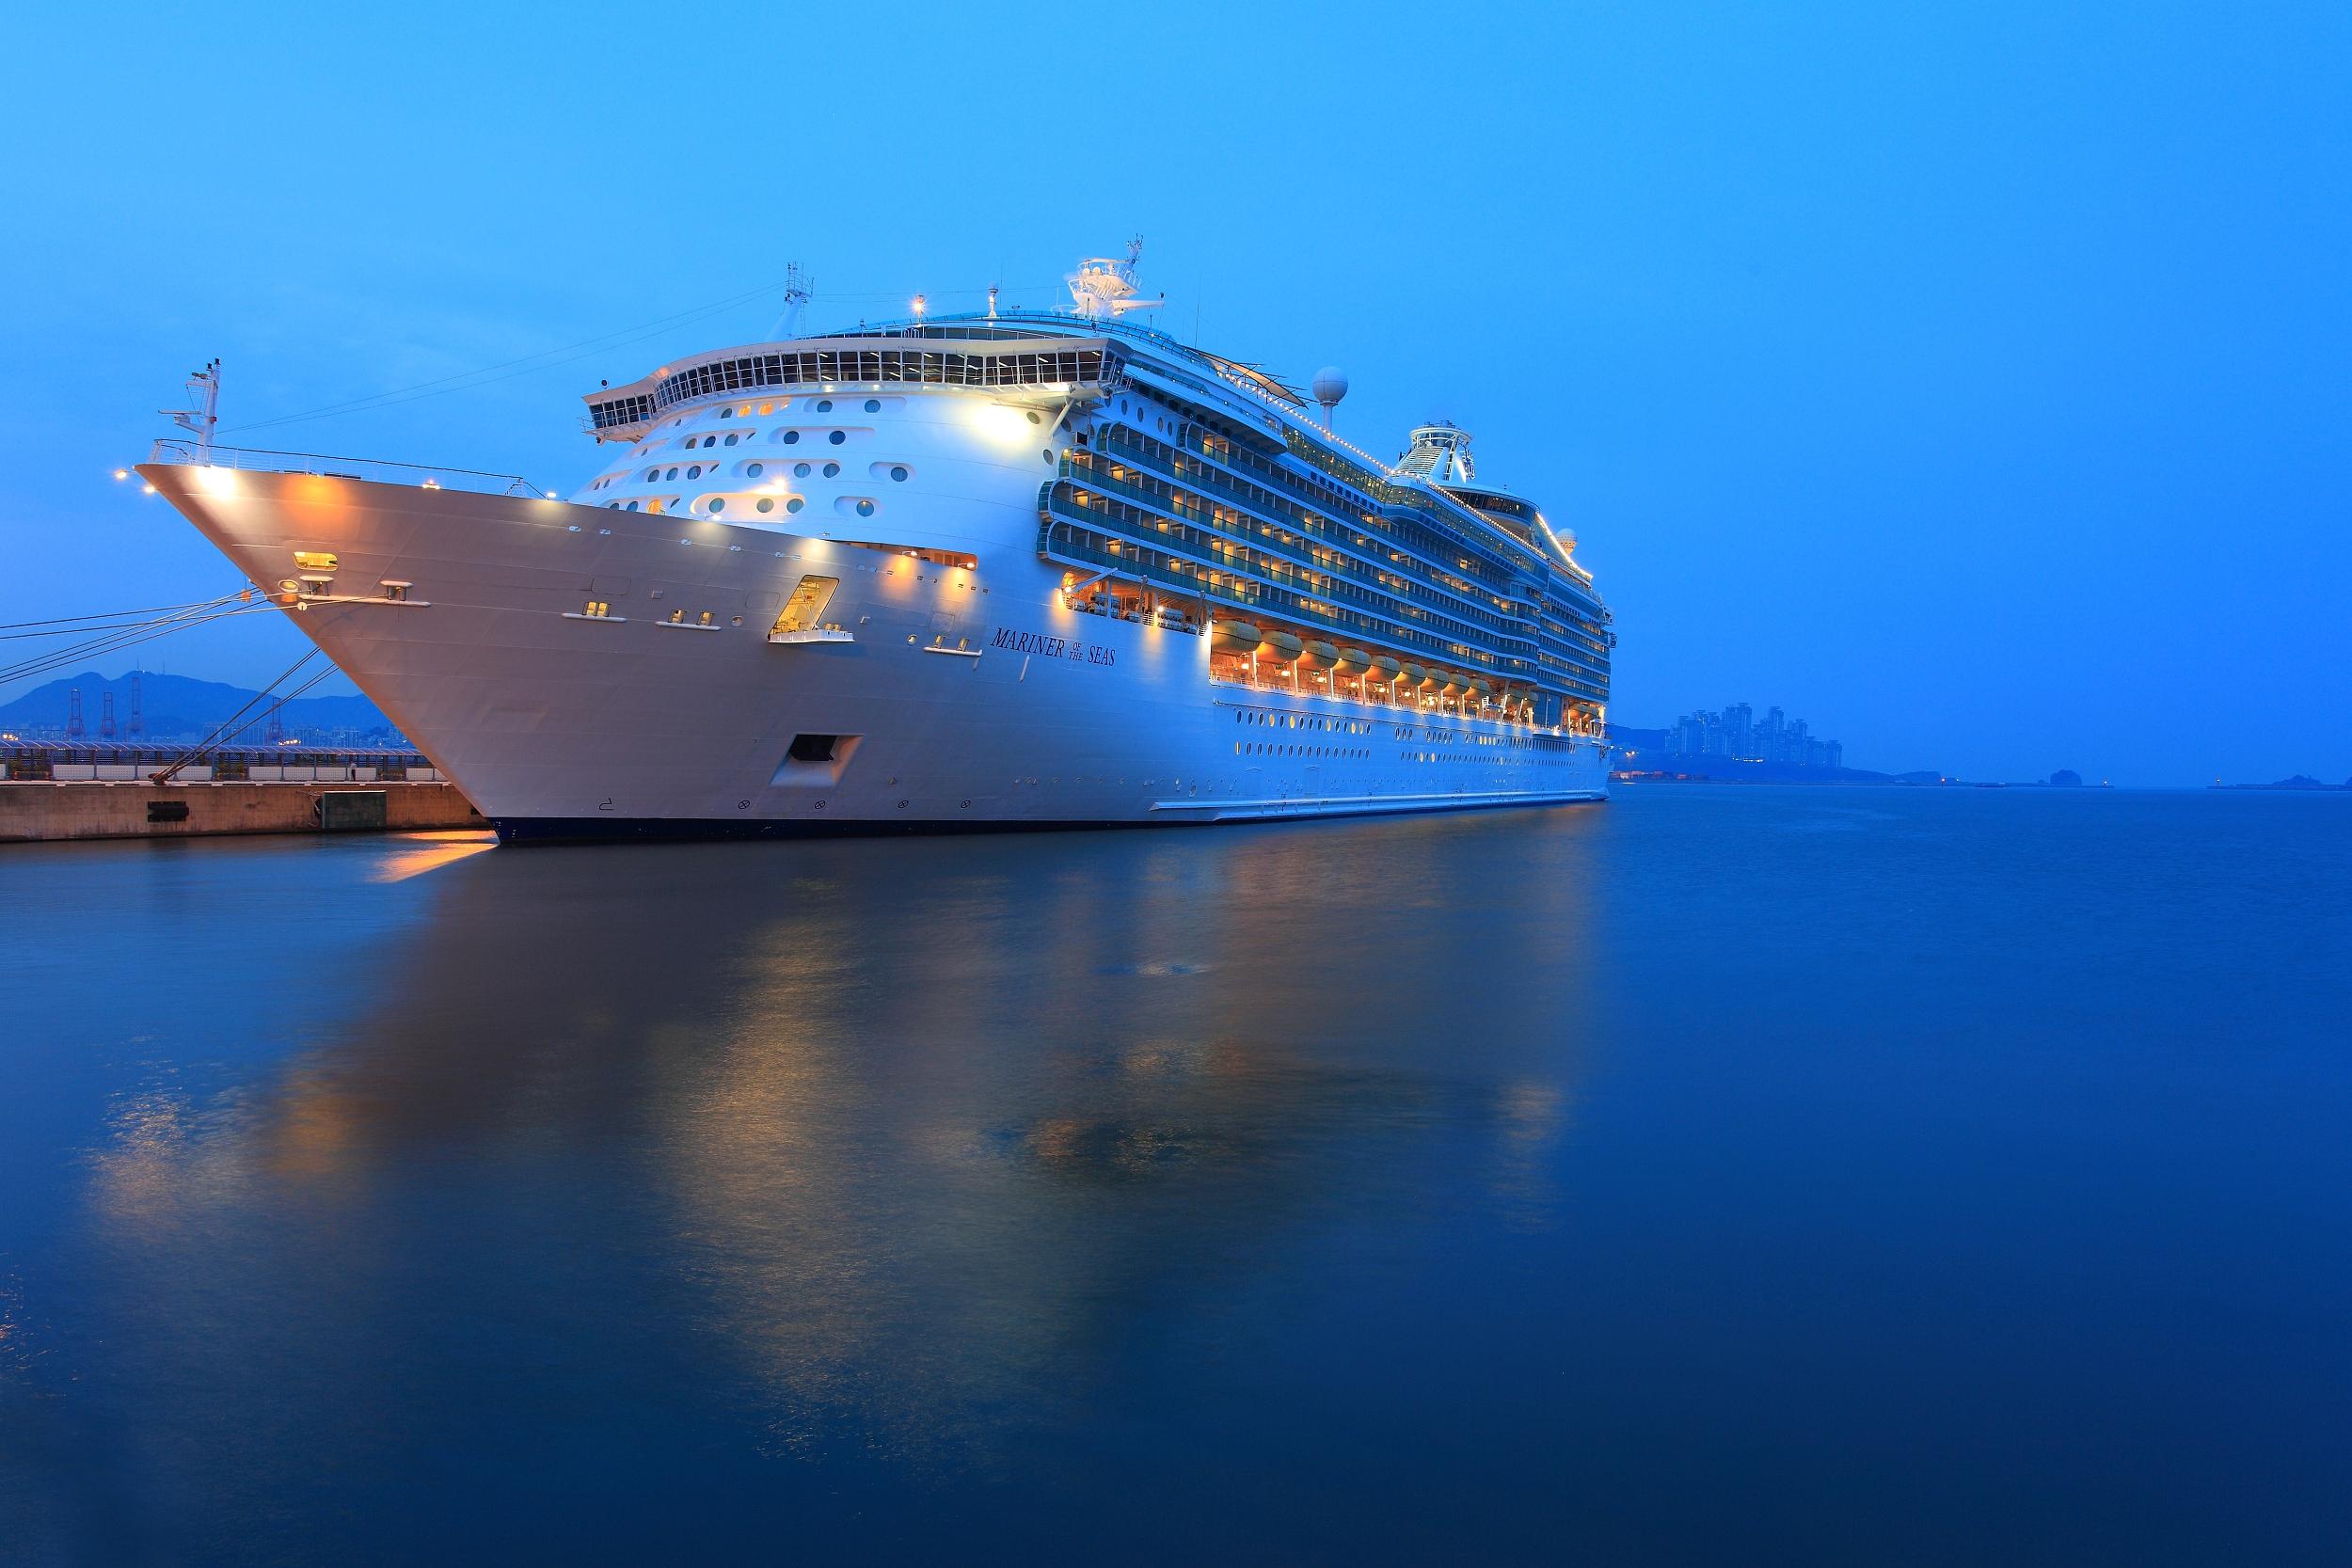 邮轮股暴涨,全球最大邮轮公司警告:邮轮业低迷仍将持续两年